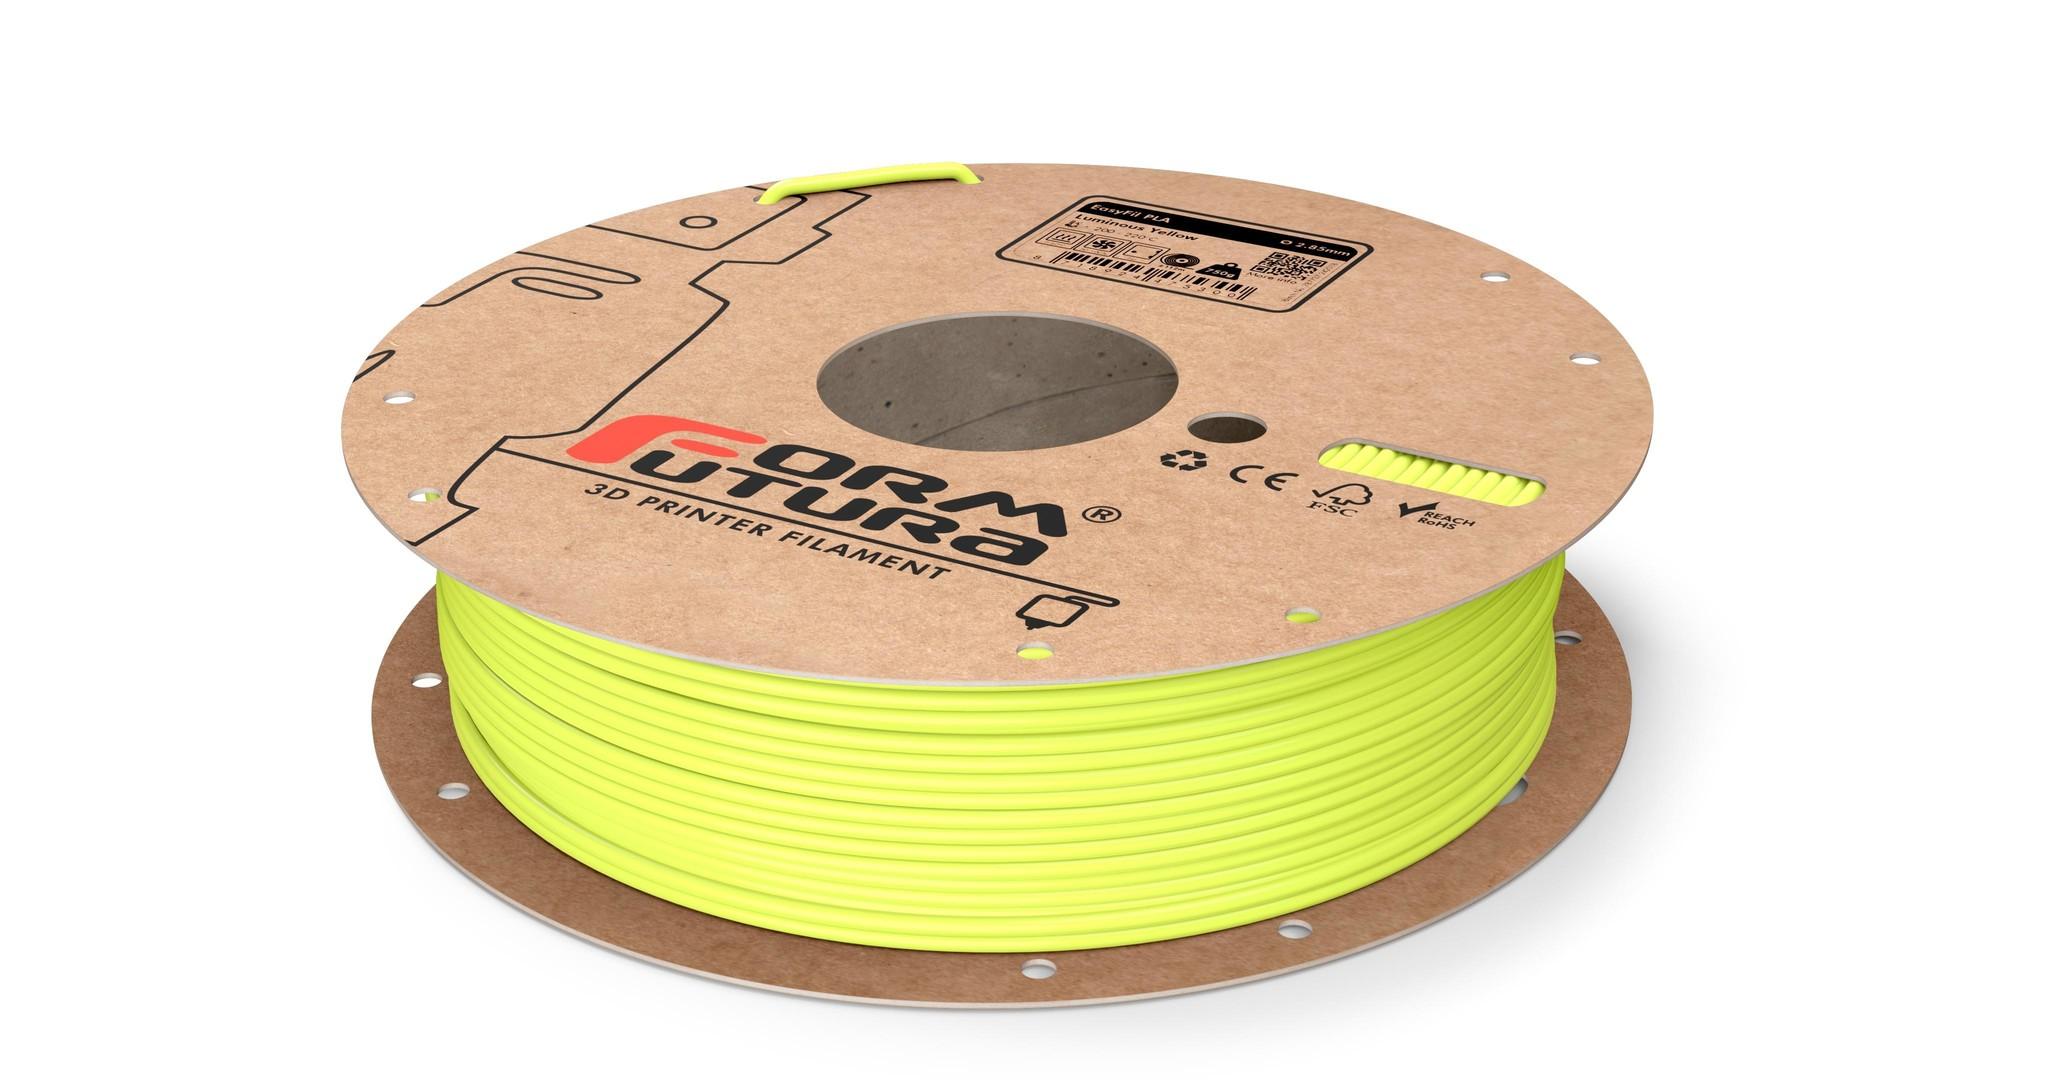 Formfutura EasyFil-PLA-White-285-750g  - Copy